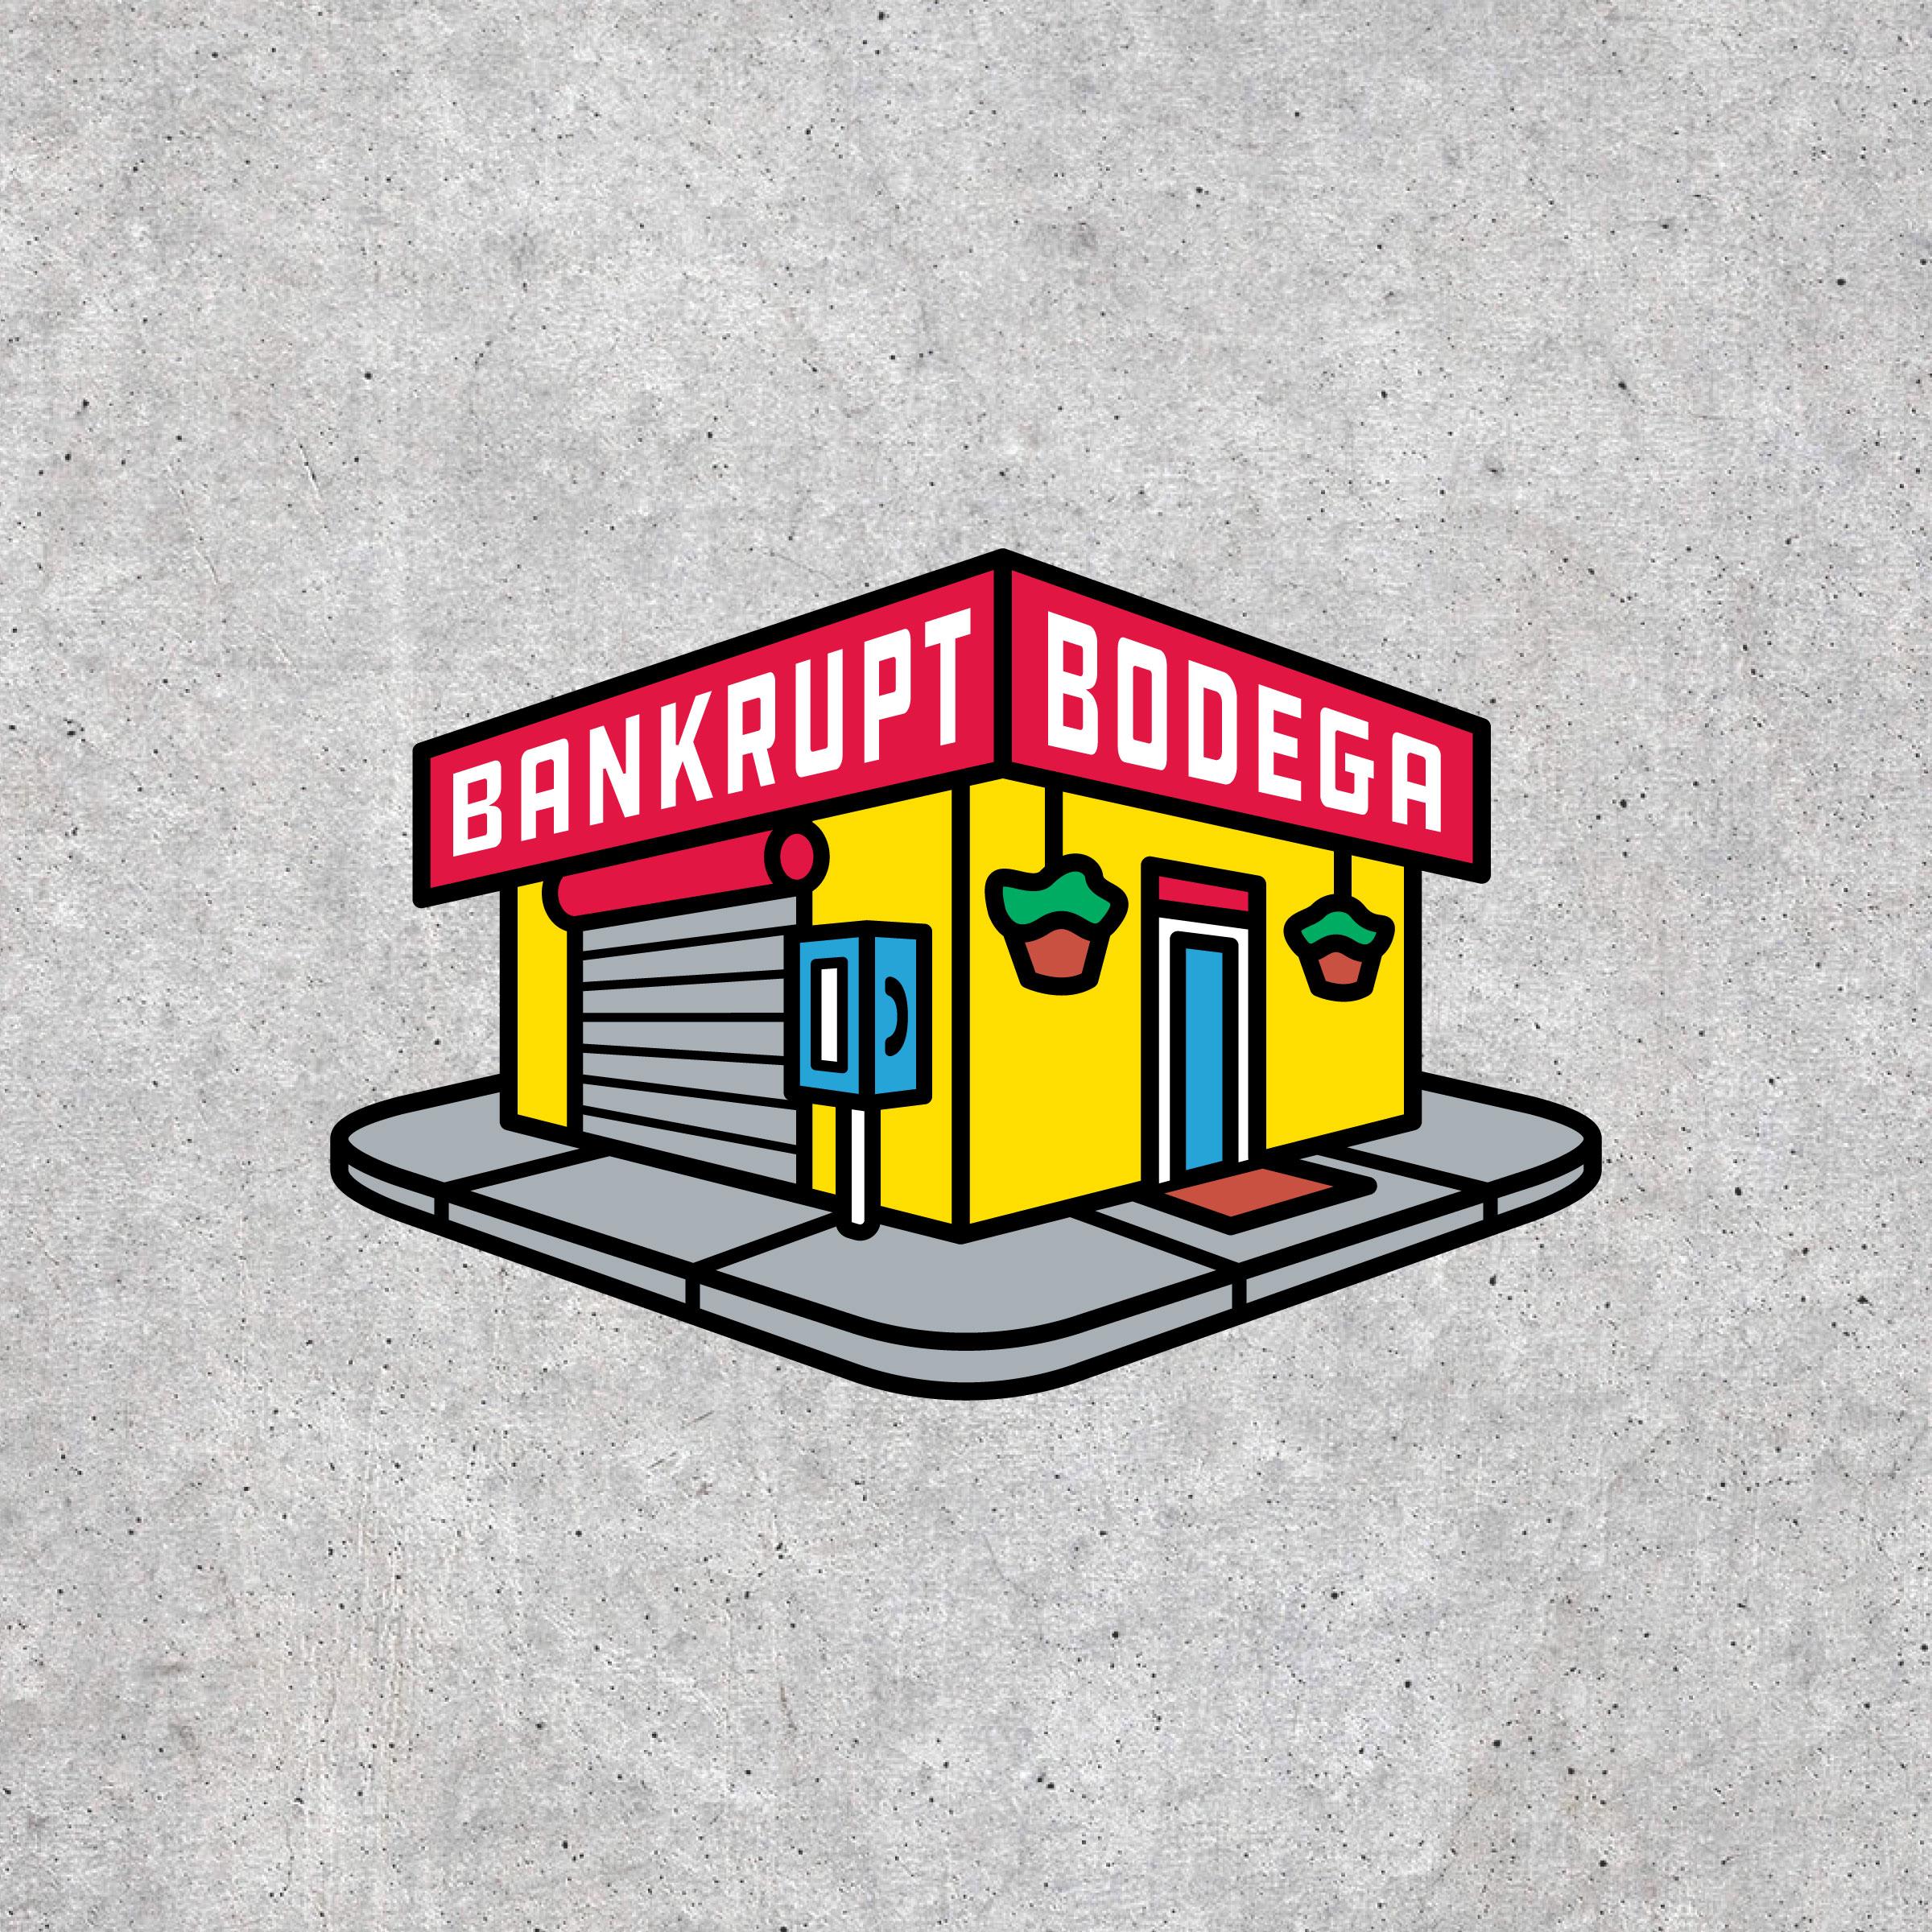 bankruptBodegaLogo_shelf.png